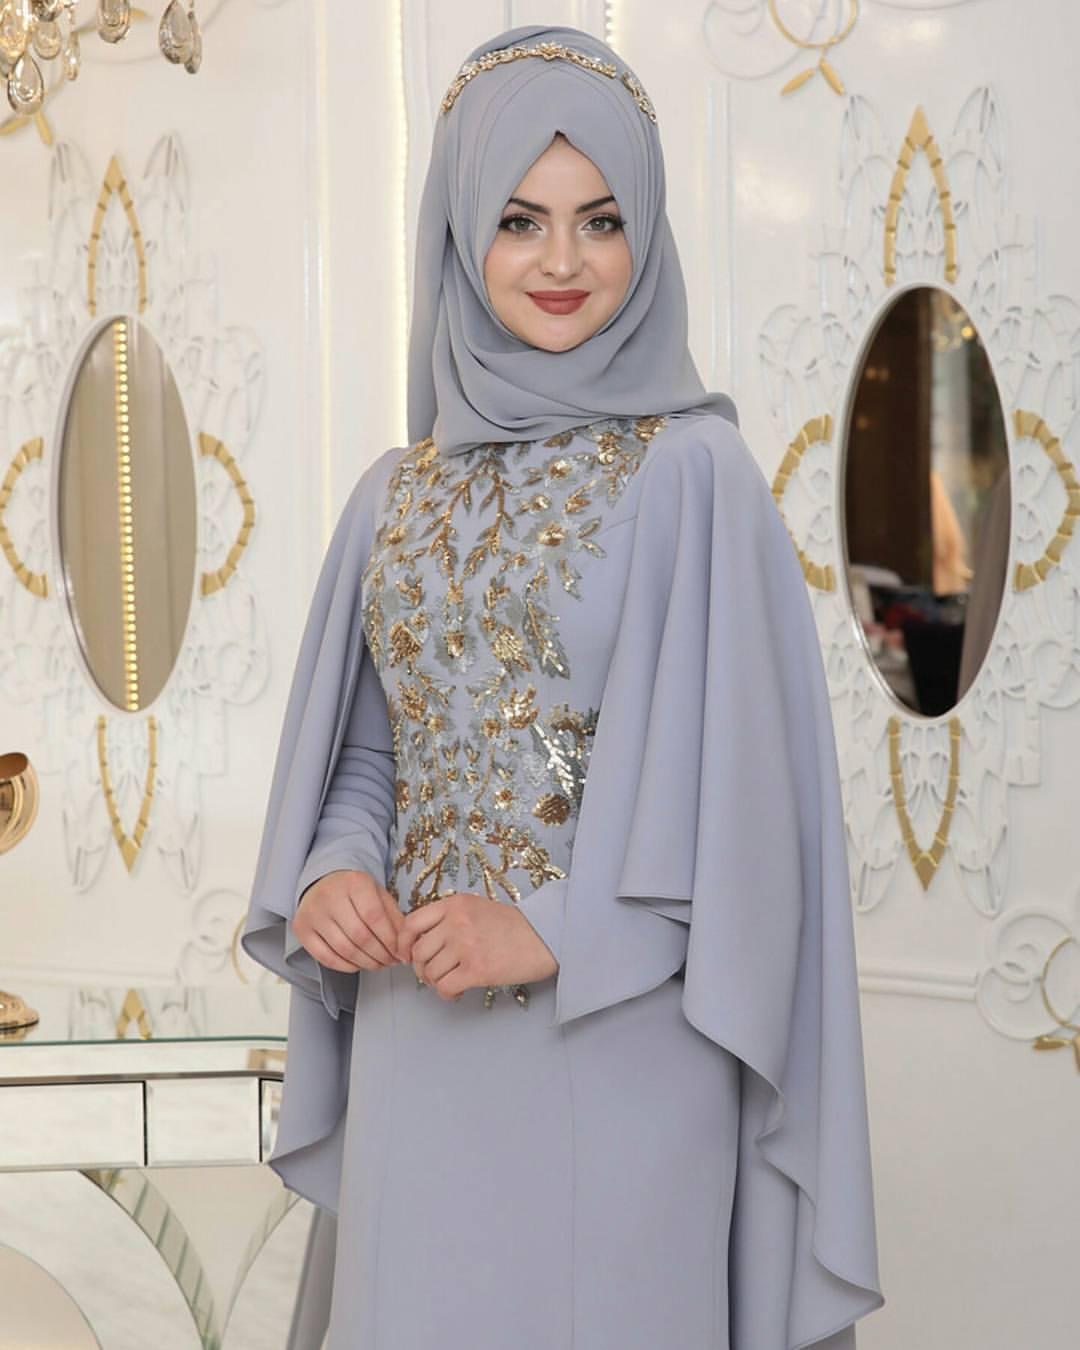 Pinarsems Abiye Modelleri 22 - 2018 Pınar Şems Abiye Modelleri